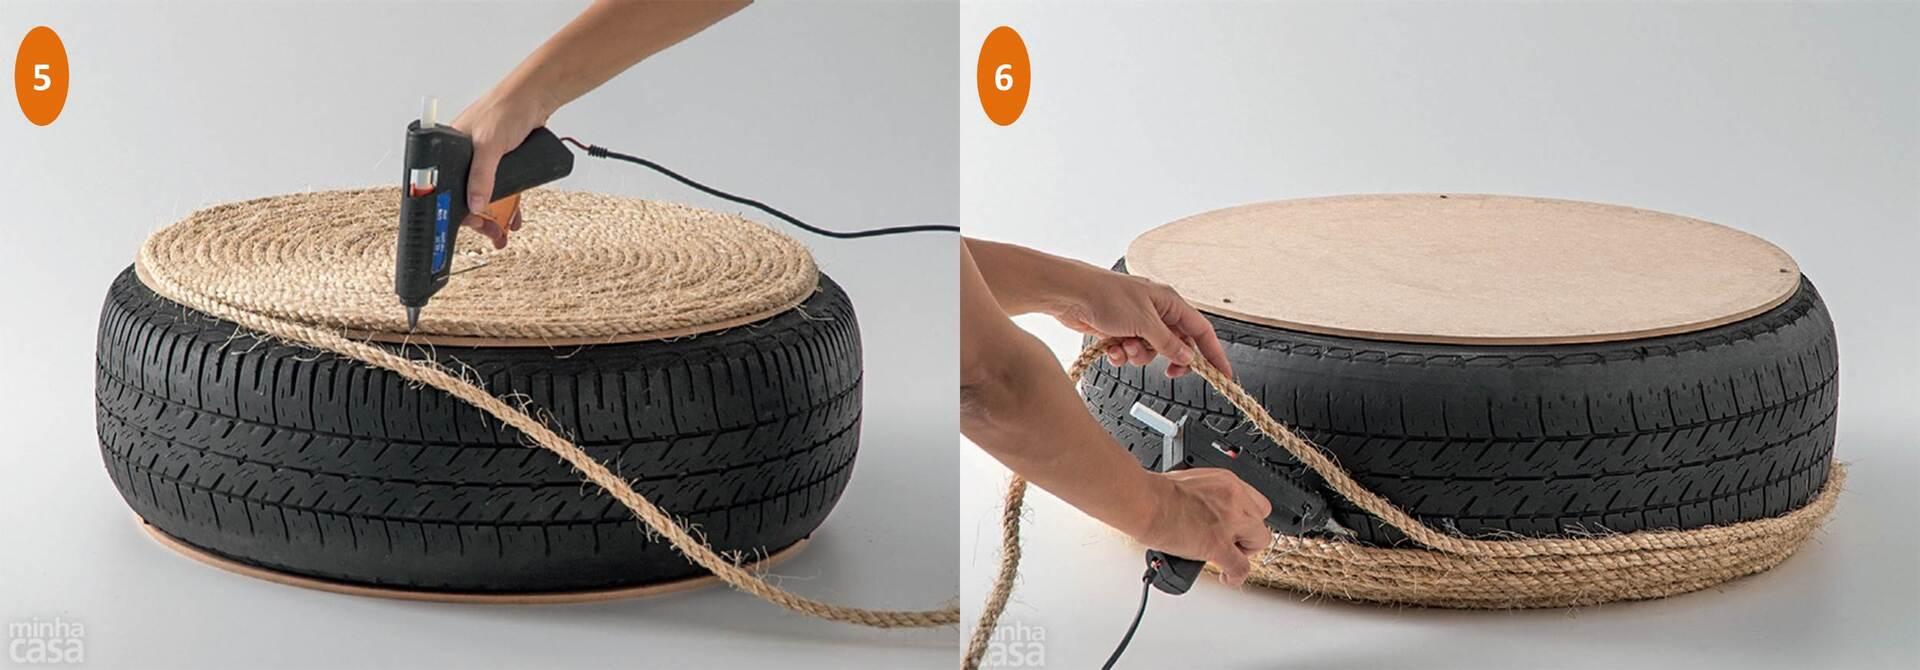 Cultura e Expressão: Faça um pufe ecológico reciclando um pneu  #BC5B0F 2500x873